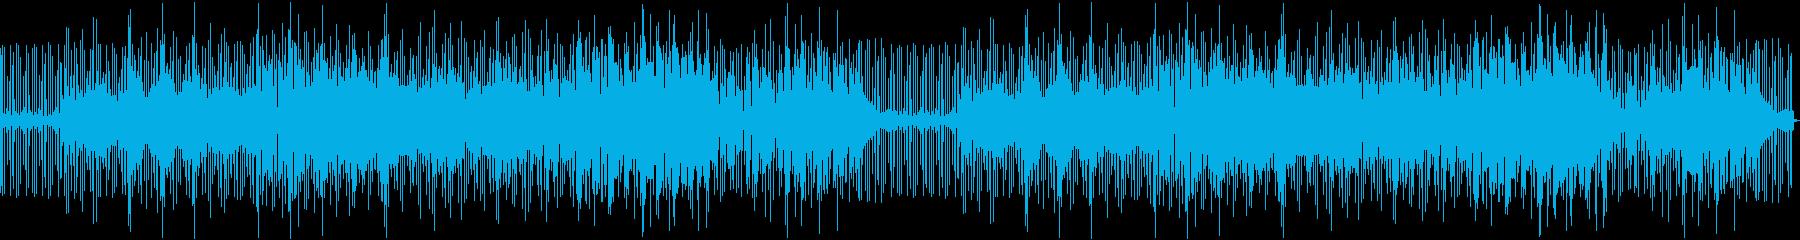 ベースリフが印象的、クールなBGMの再生済みの波形